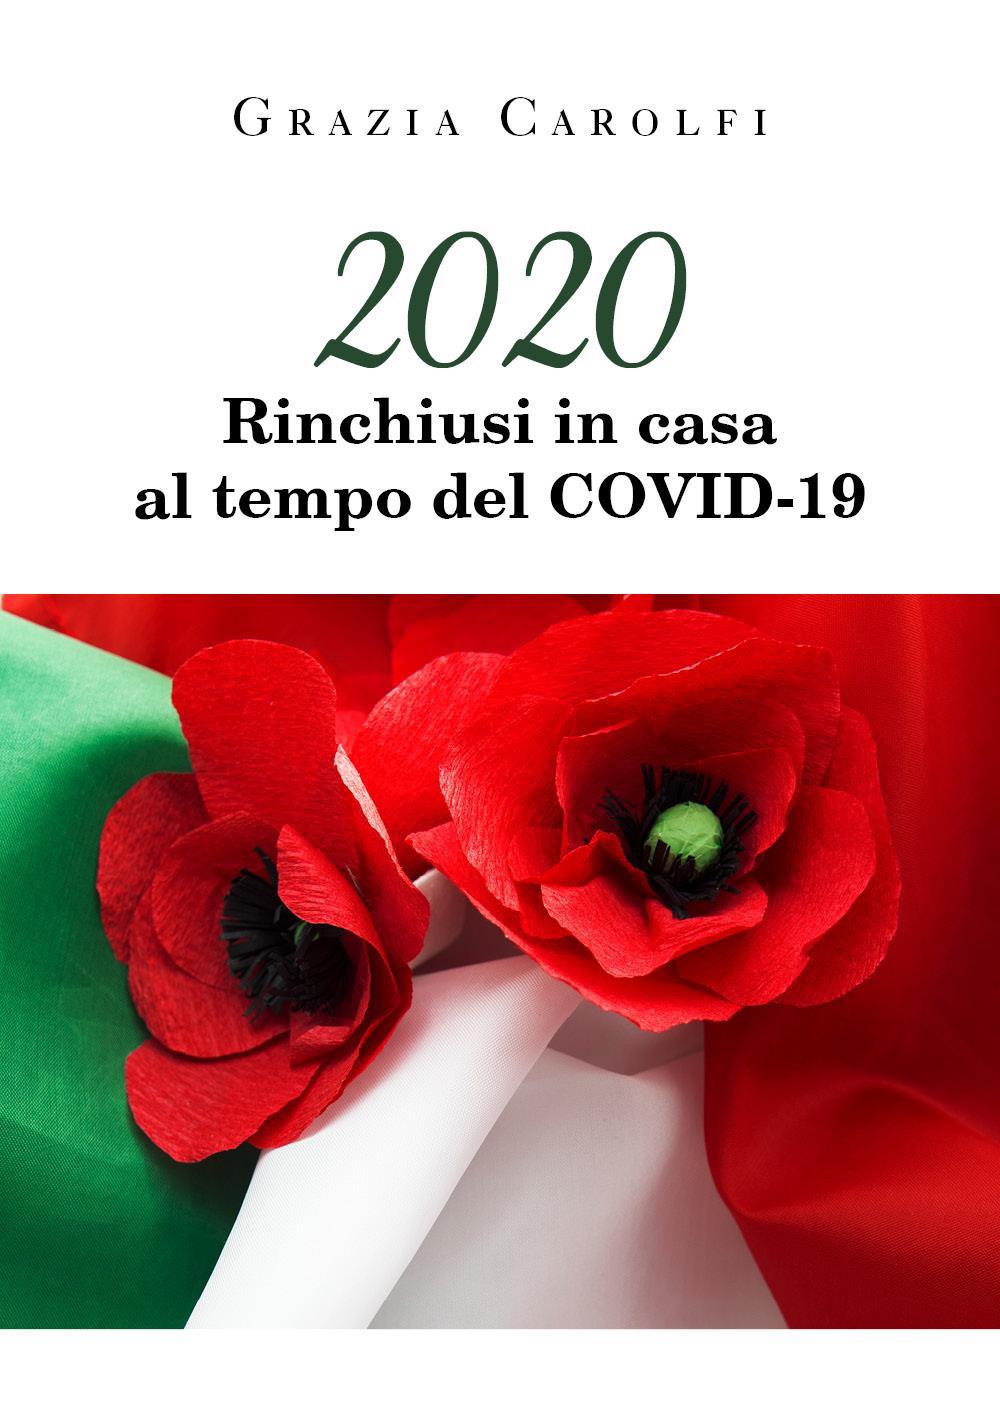 2020 Rinchiusi in casa al tempo del Covid-19